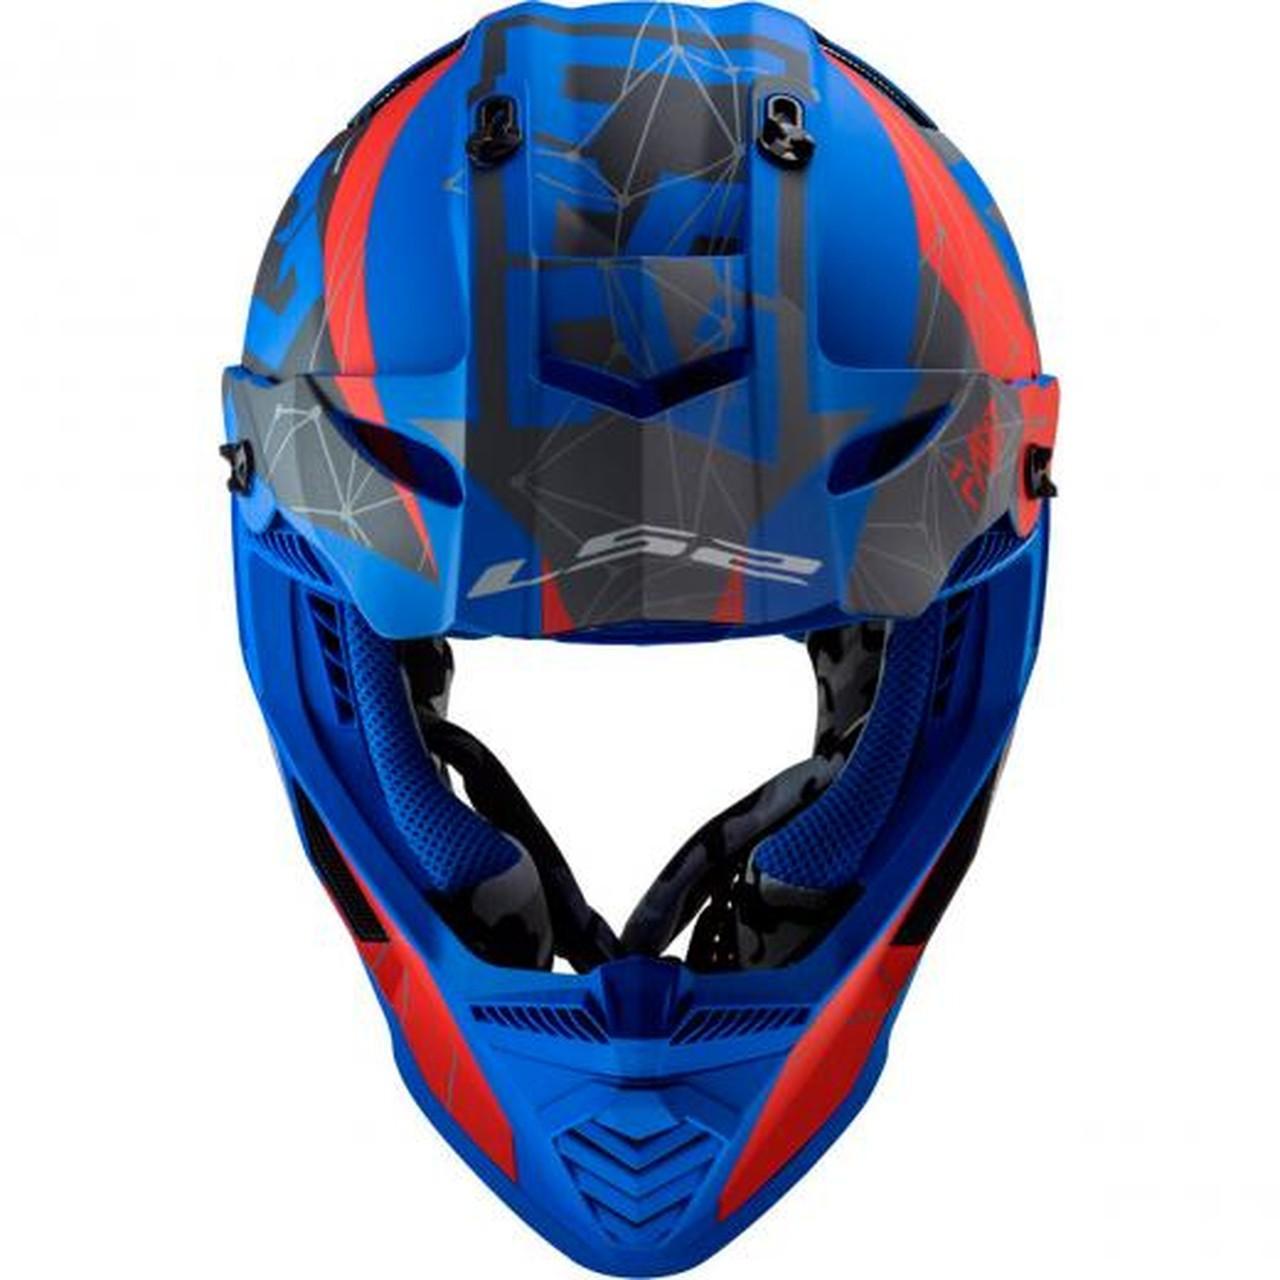 Capacete LS2 Fast MX437 Alpha